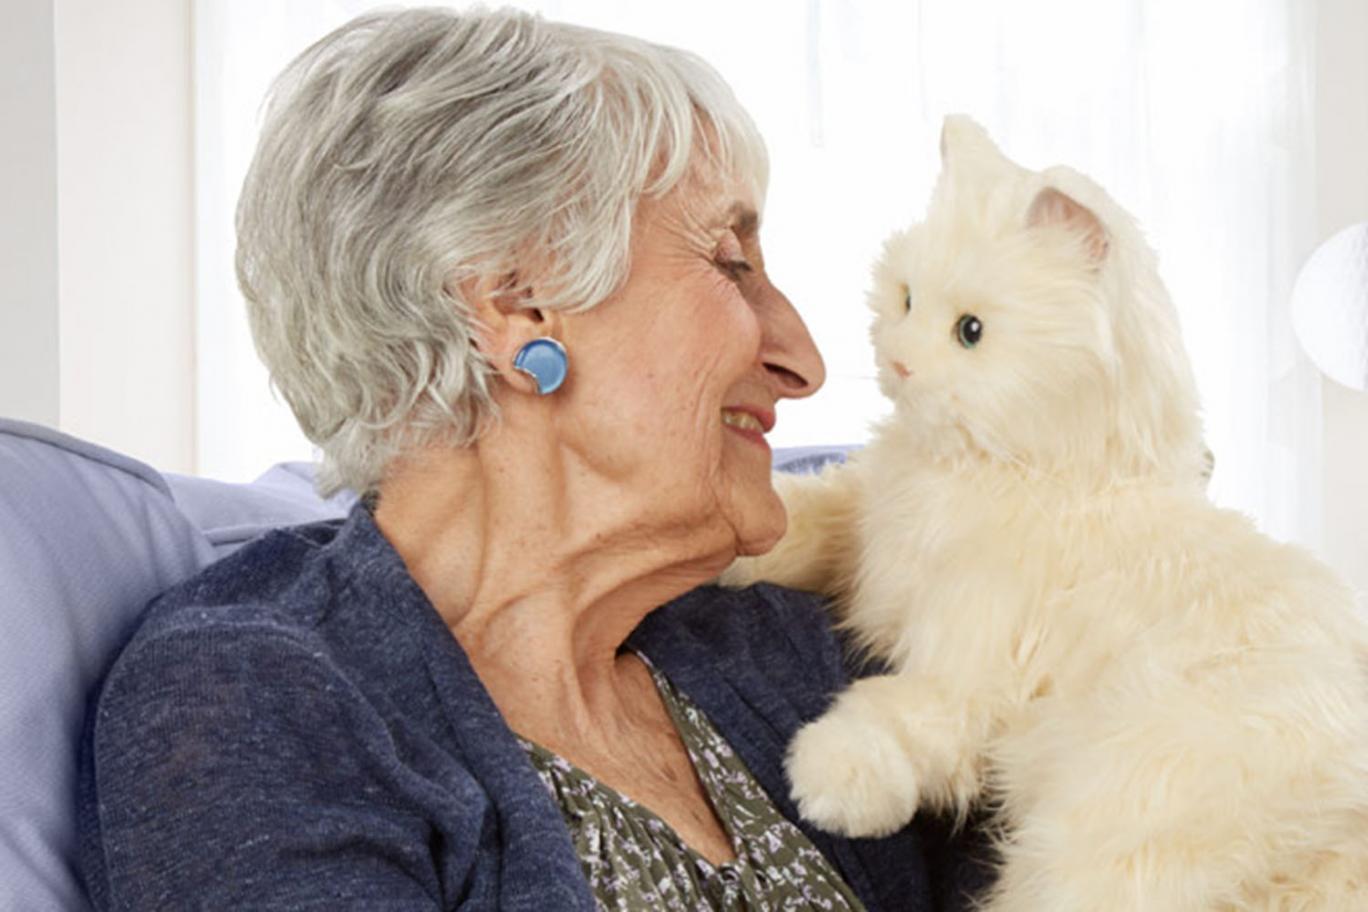 Robôs em formato de animais ajudam a tratar ansiedade e solidão em idosos que vivem em asilos